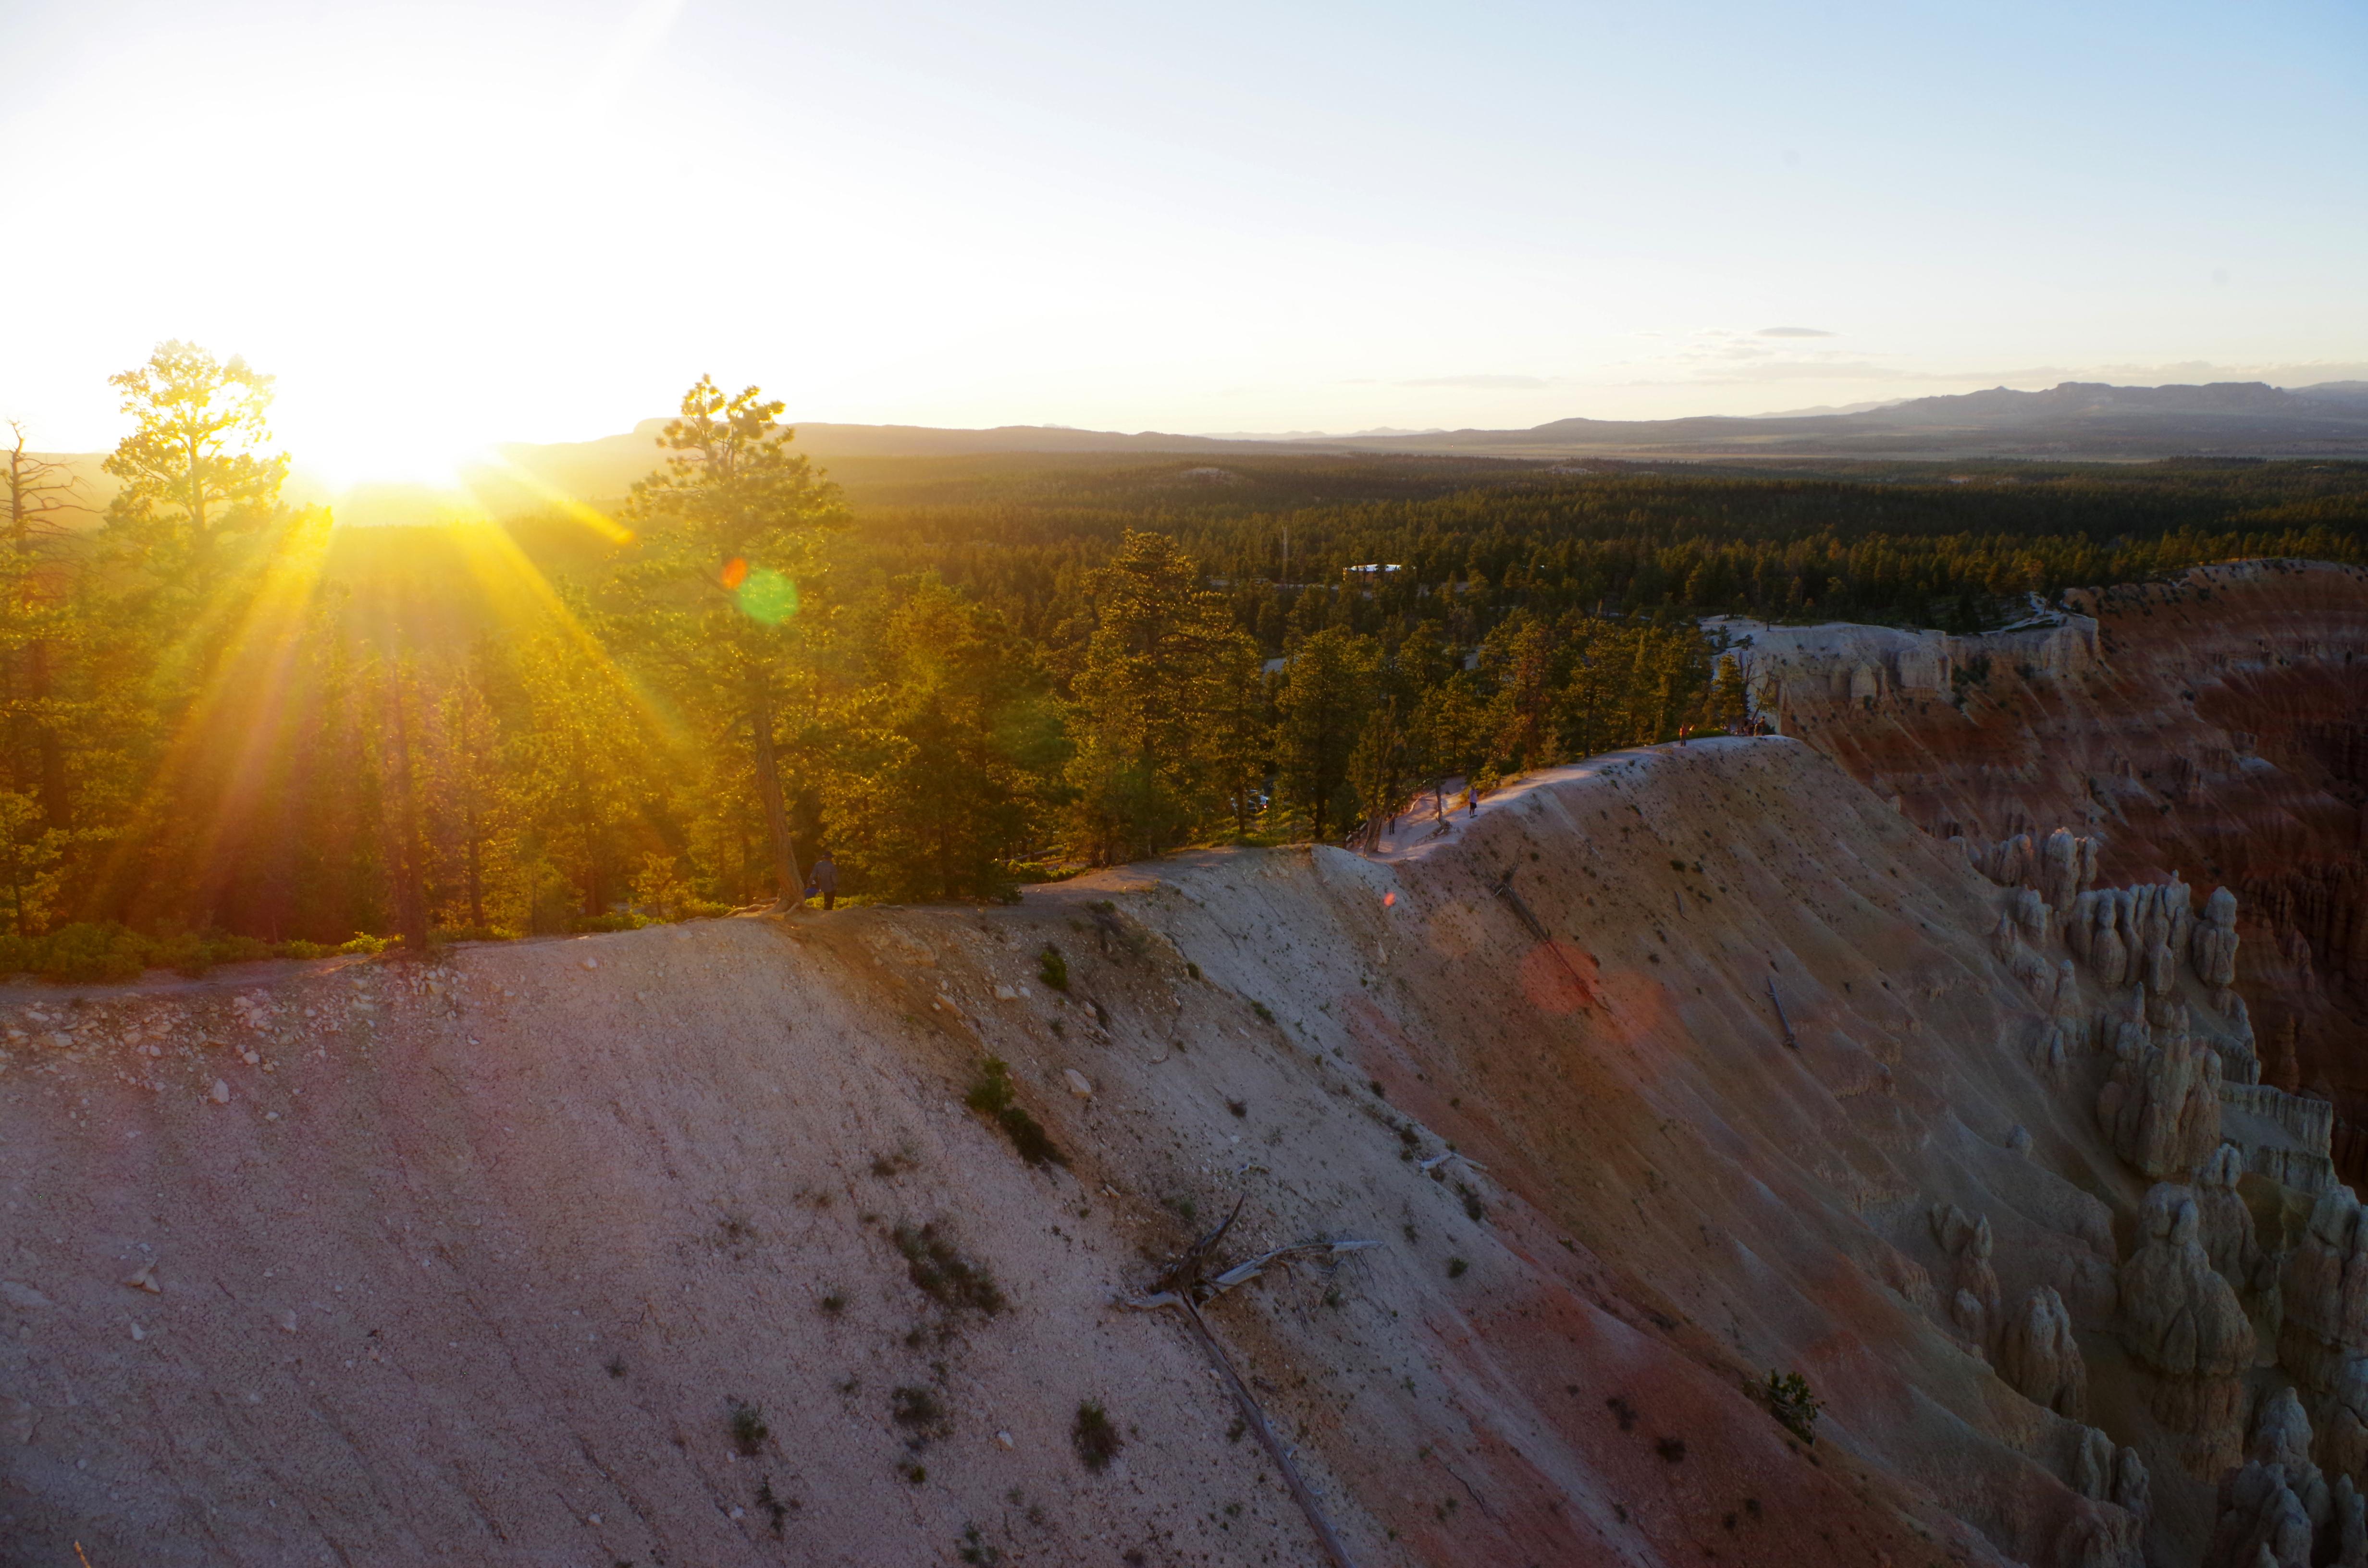 Sonnenuntergang am Bryce Canyon Nationalpark, direkt am Rim bieten sich hervorragende Fotomotive